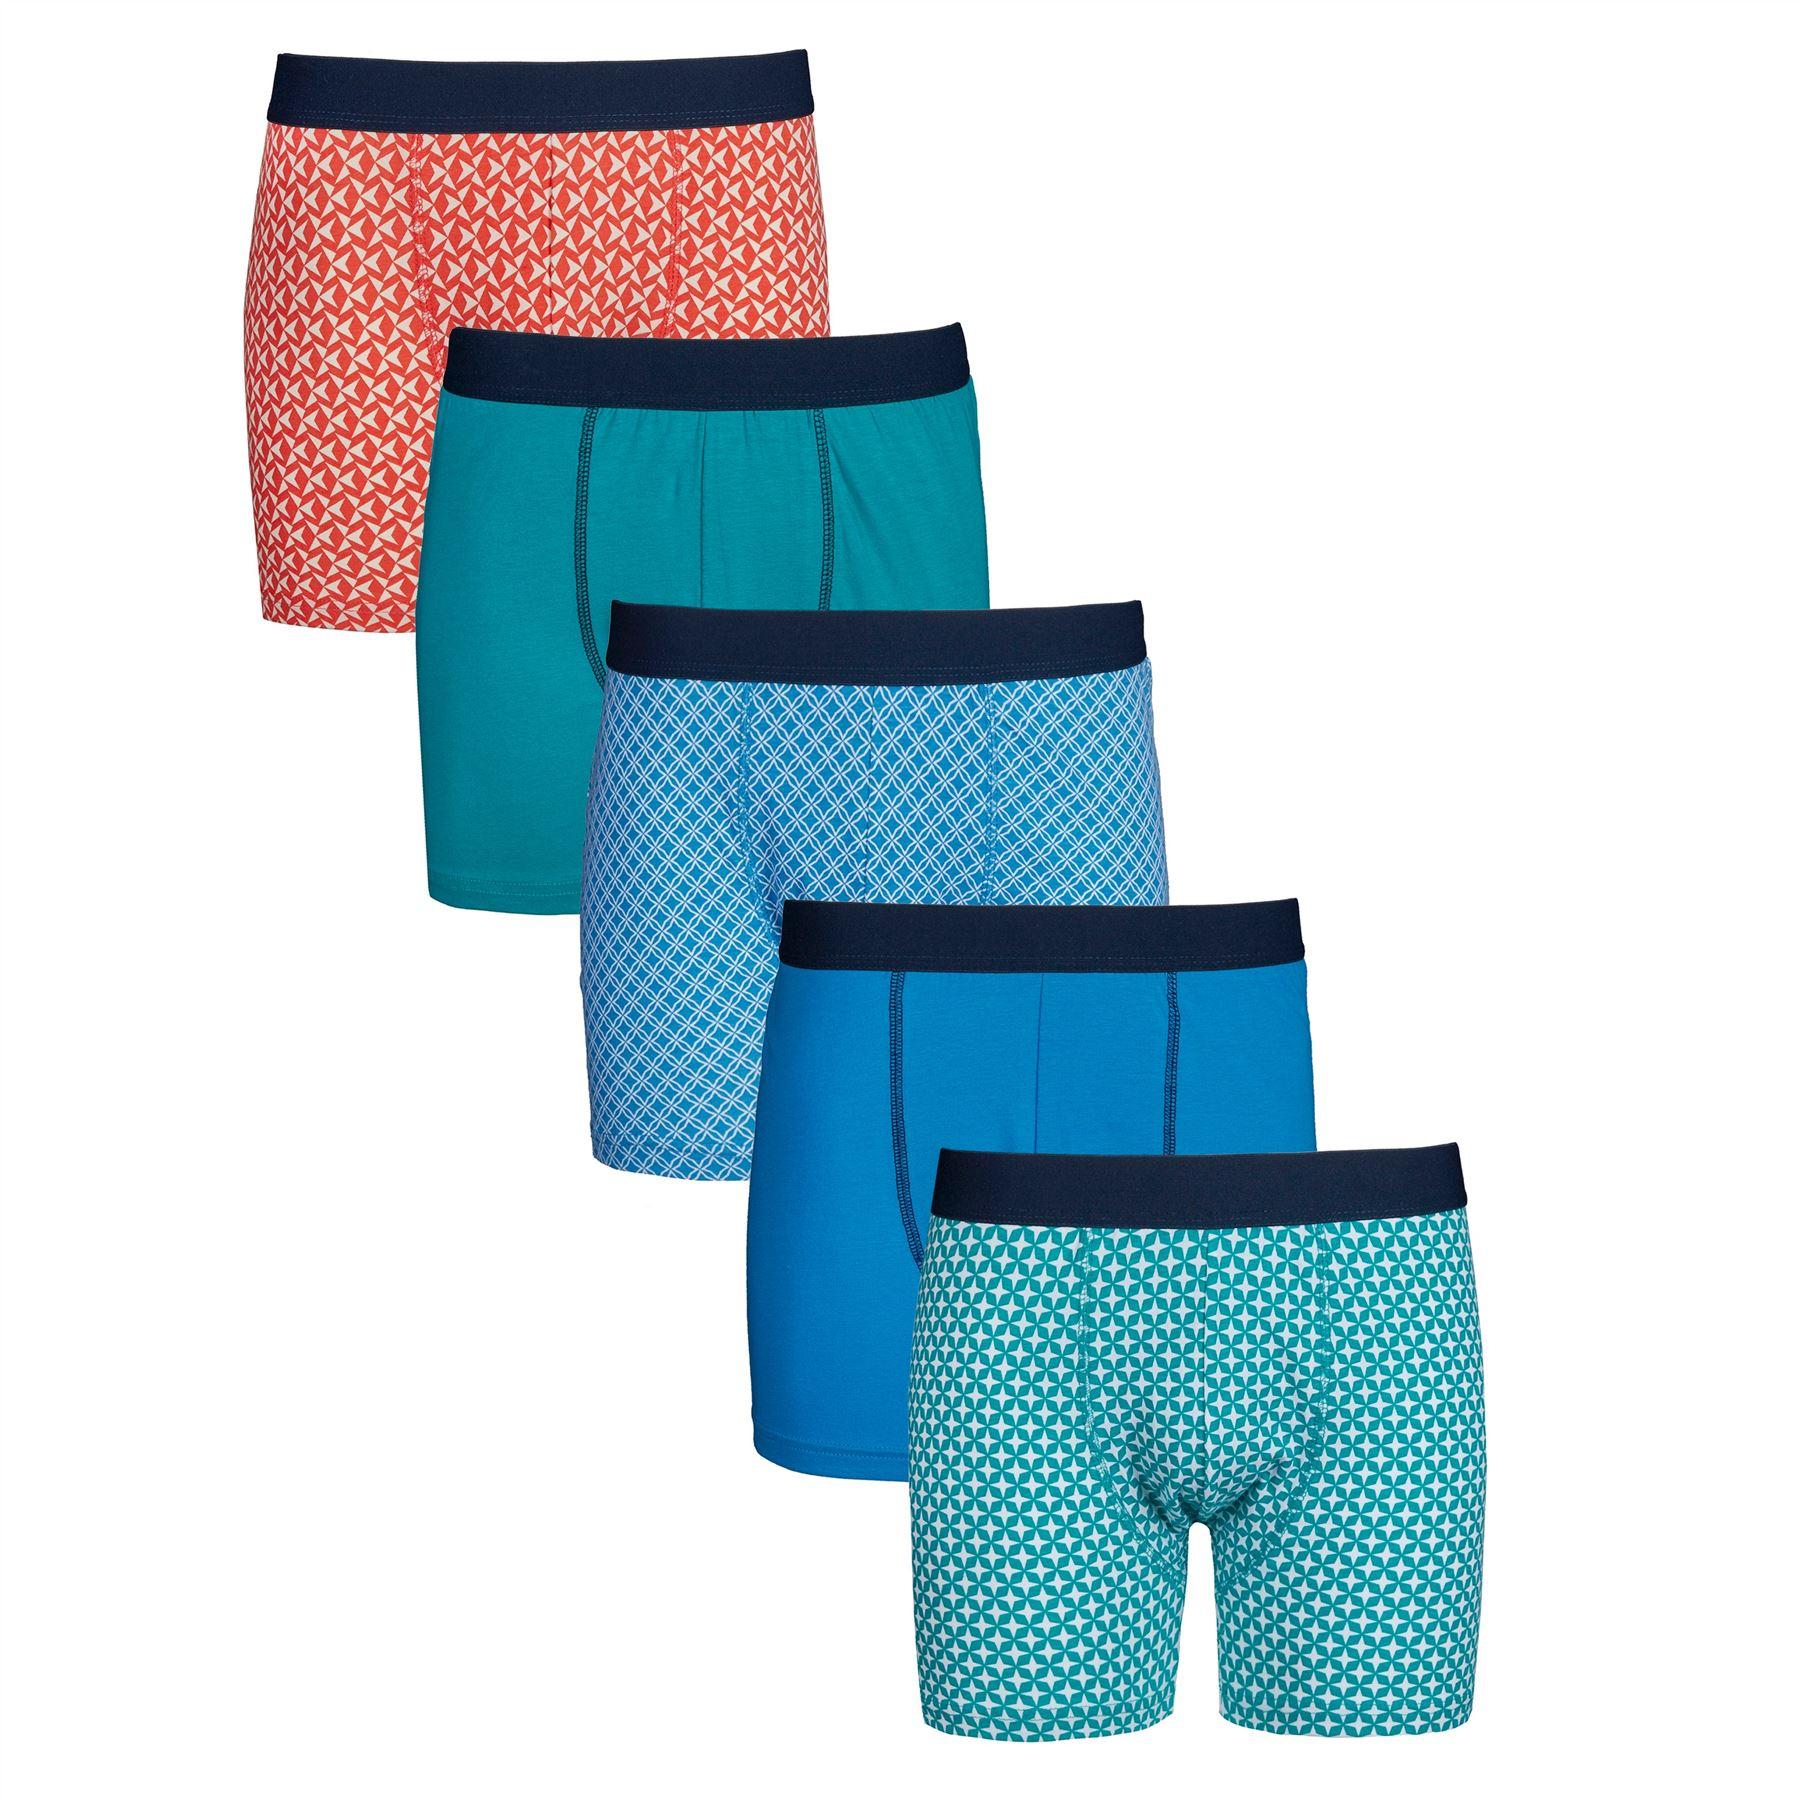 10 PCS cotton Men/'s Underwear Underpants Boxer Briefs Shorts Trunks Pack Pants